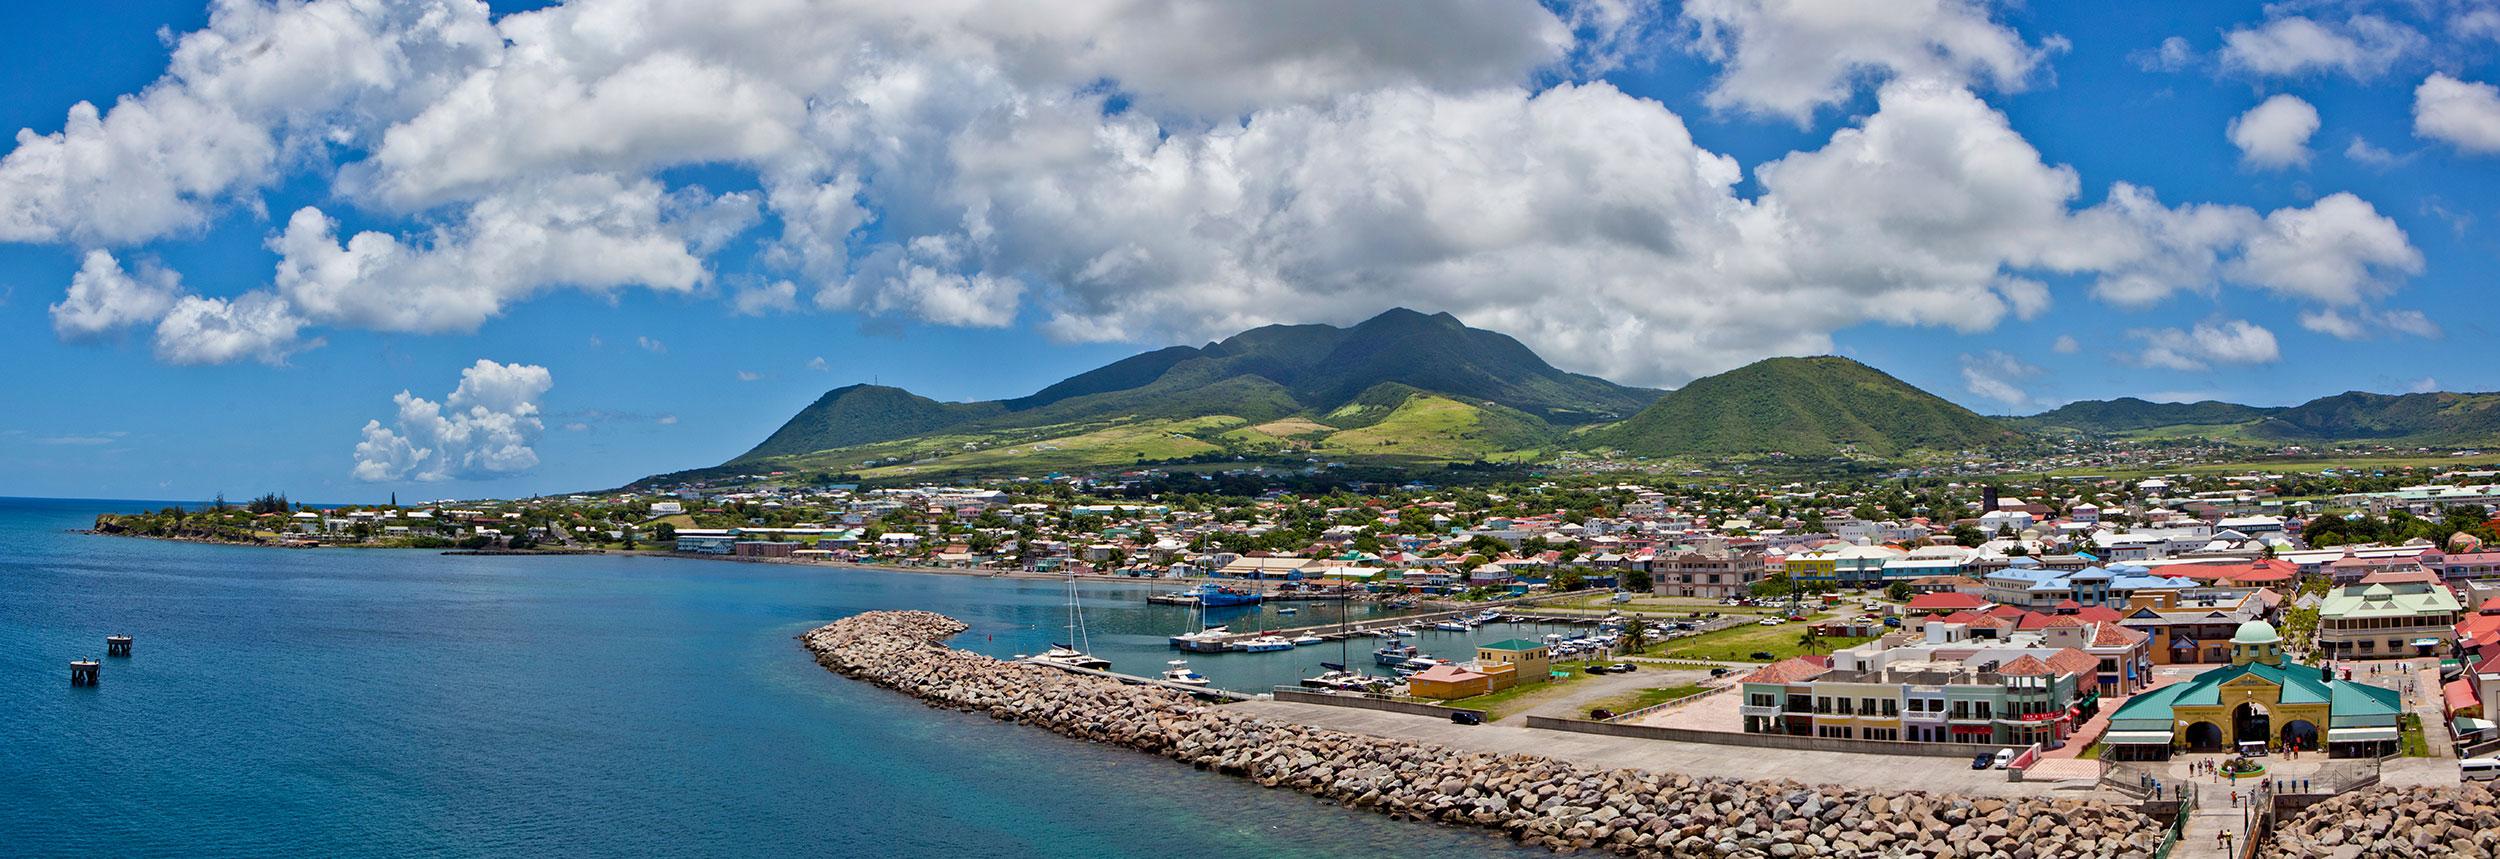 St. Kitts - 0002.jpg